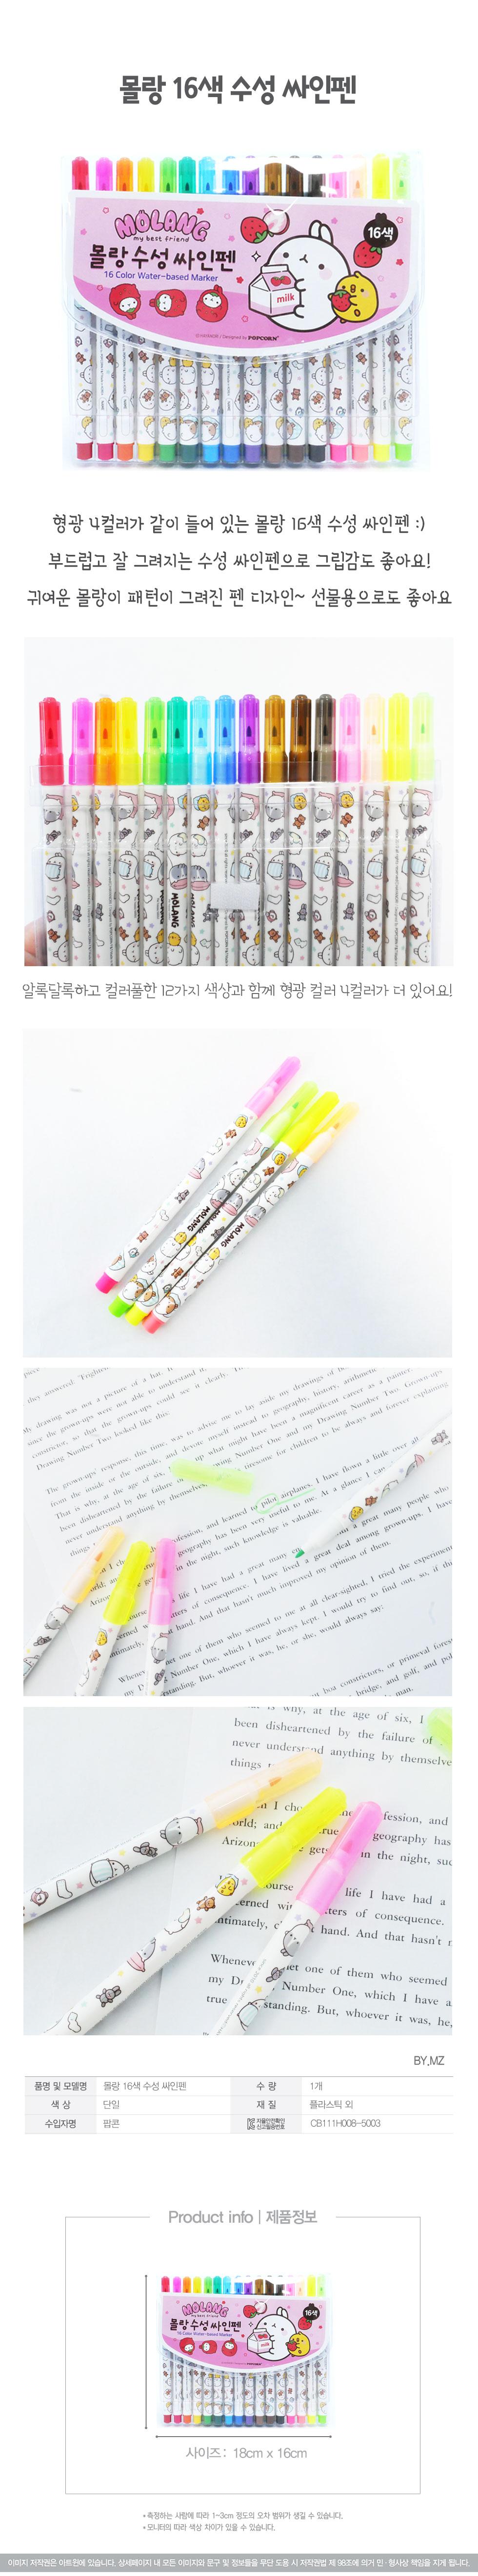 5500몰랑16색수성싸인펜 - 아트윈, 5,500원, 수성/중성펜, 수성/중성펜 세트